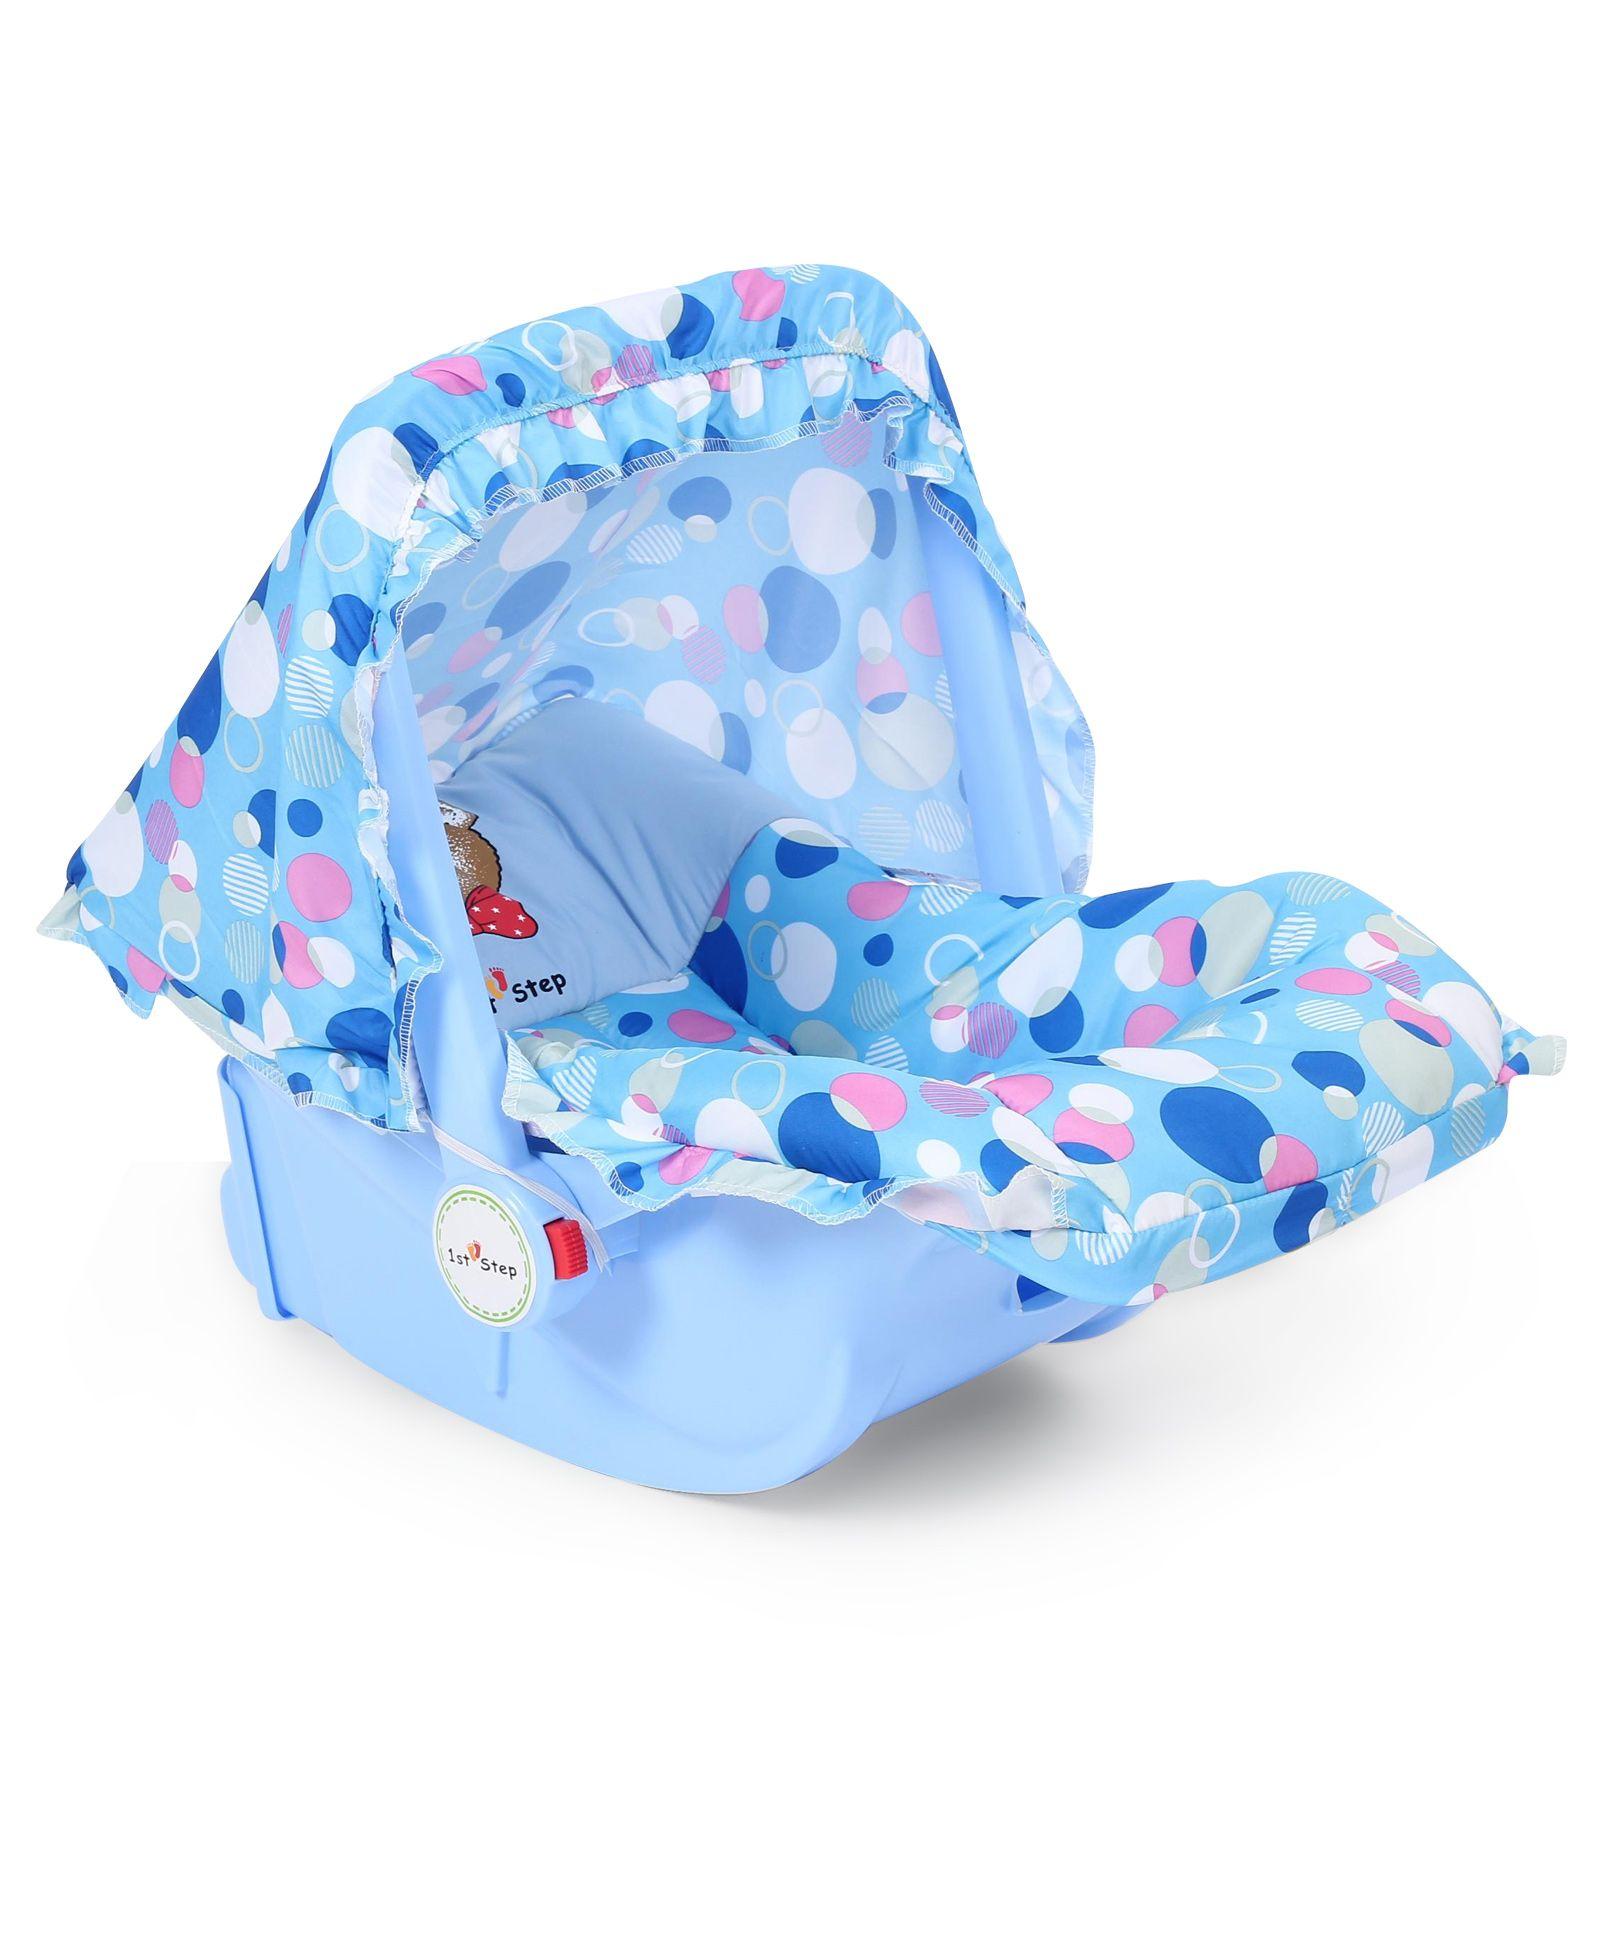 1st Step Baby Carry Cot Cum Rocker Bubbles Print - Blue